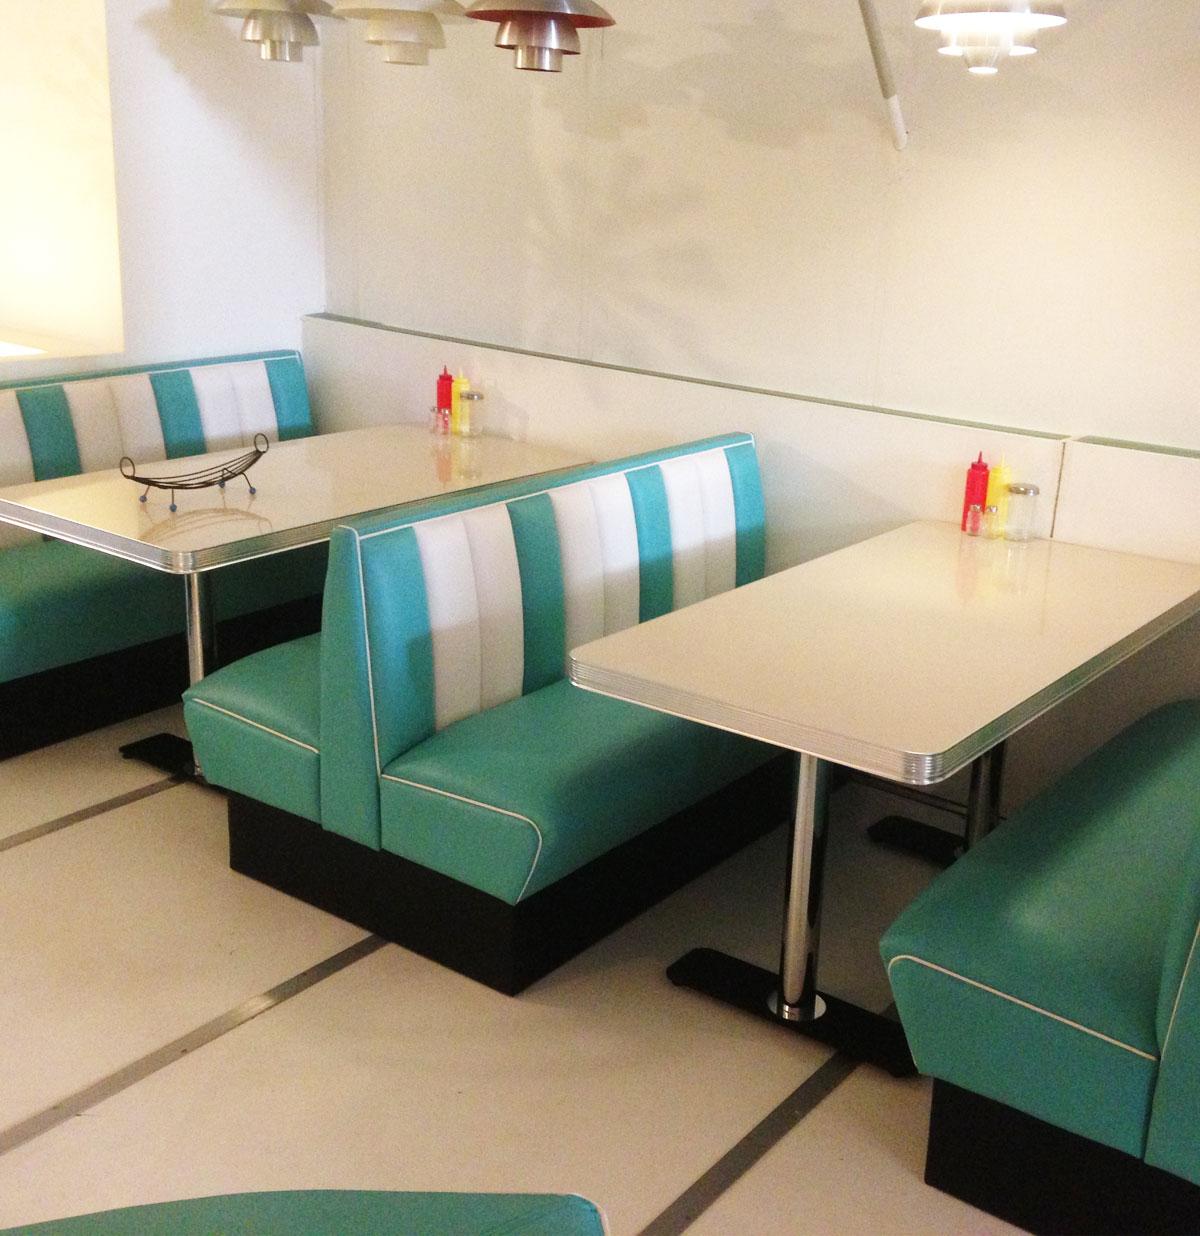 Bel-Air Retro Diner Set Turquoise